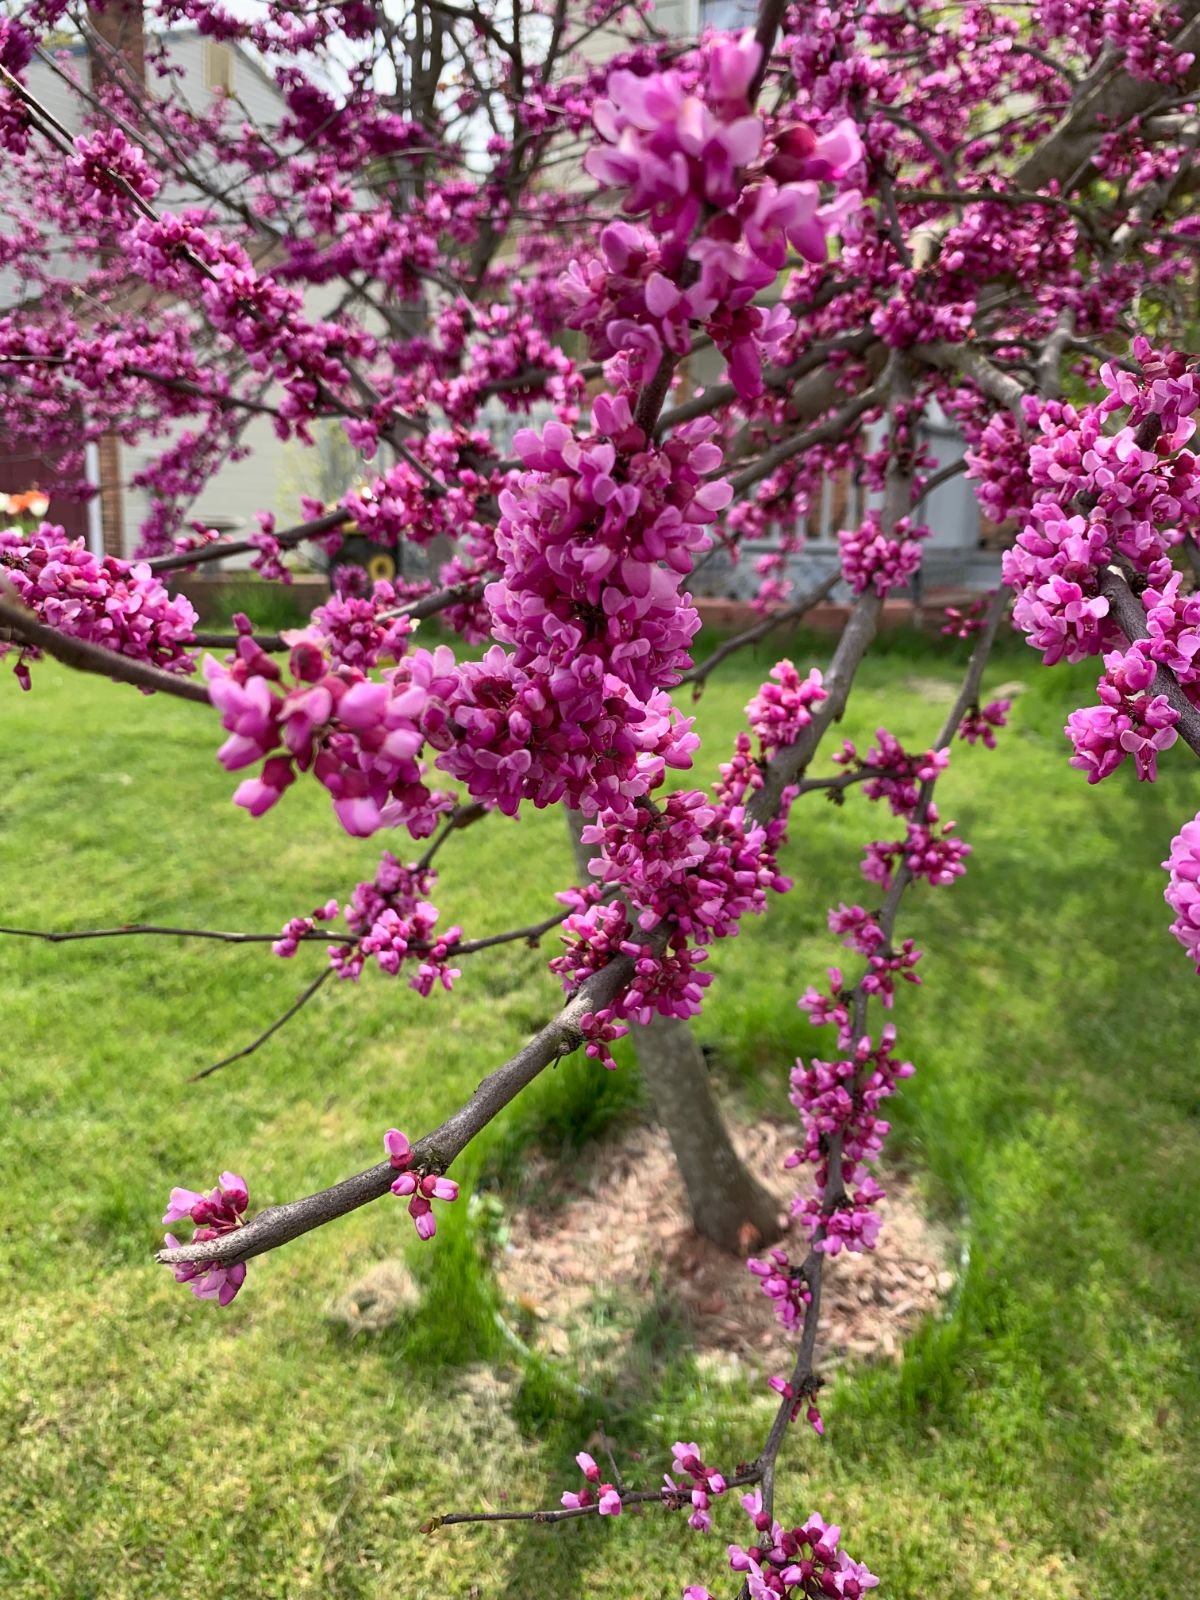 blooming flowers of redbud tree